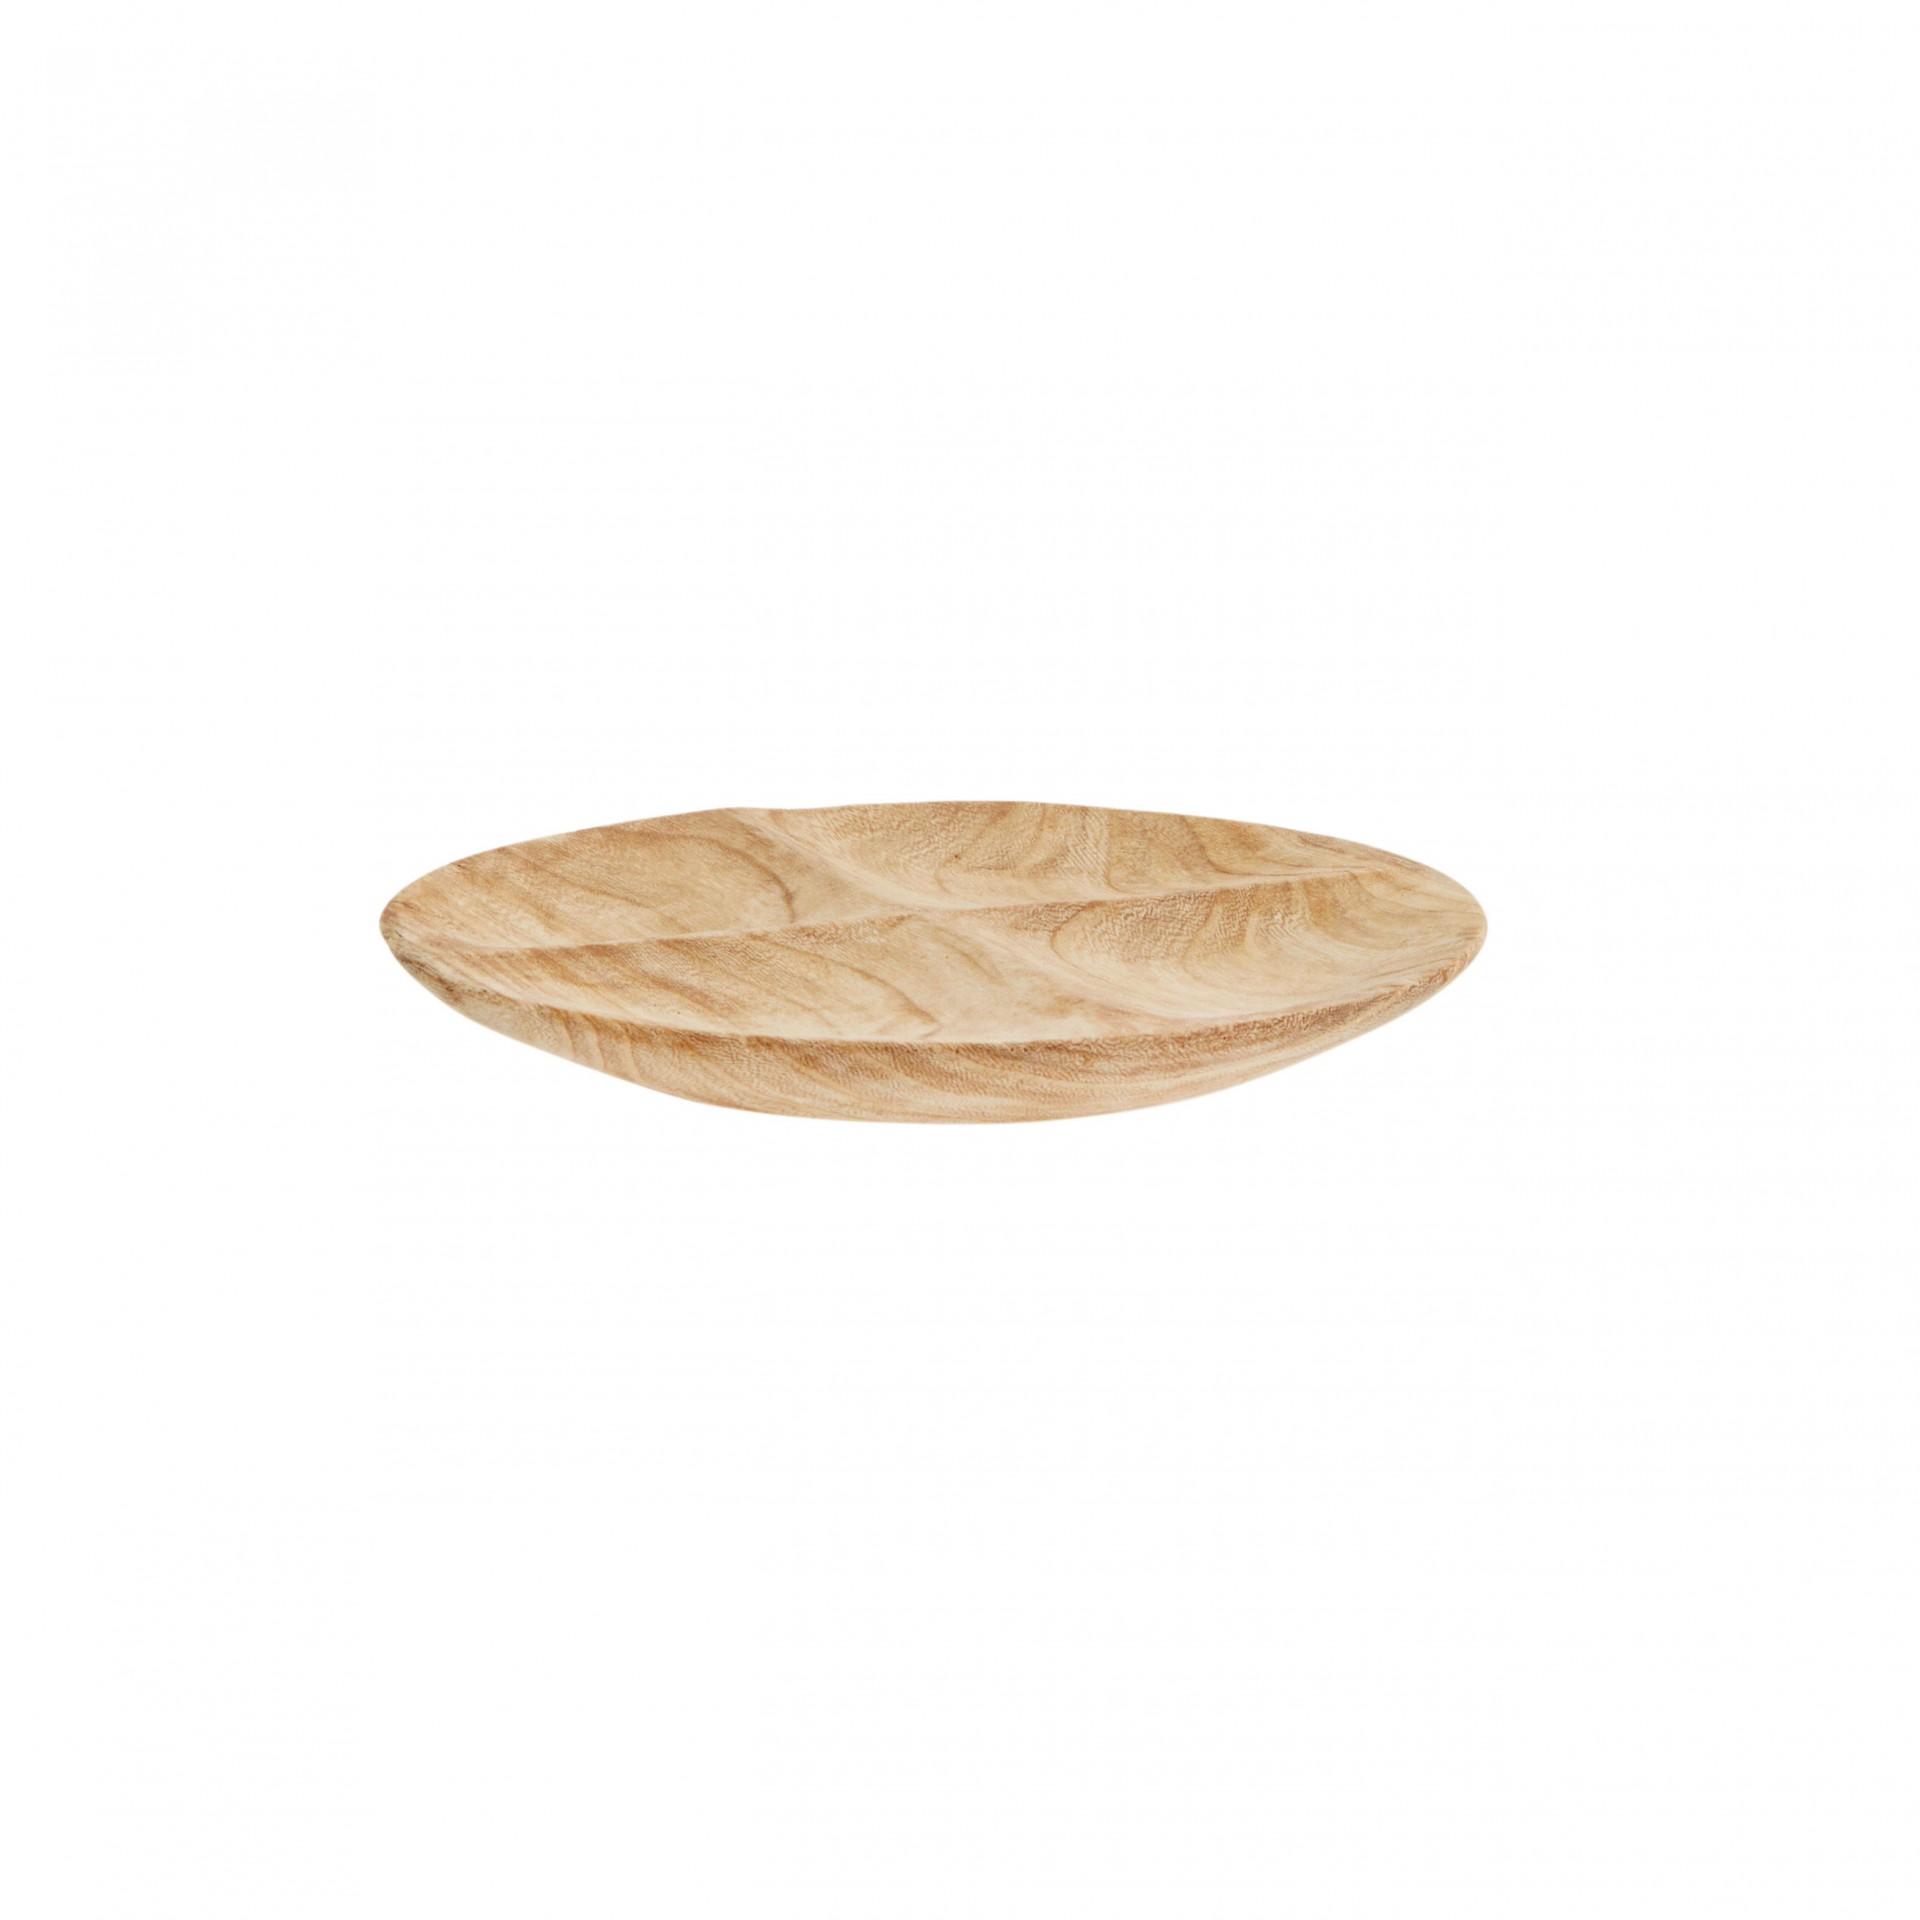 Prato rústico em madeira Paulownia, Ø22 cm